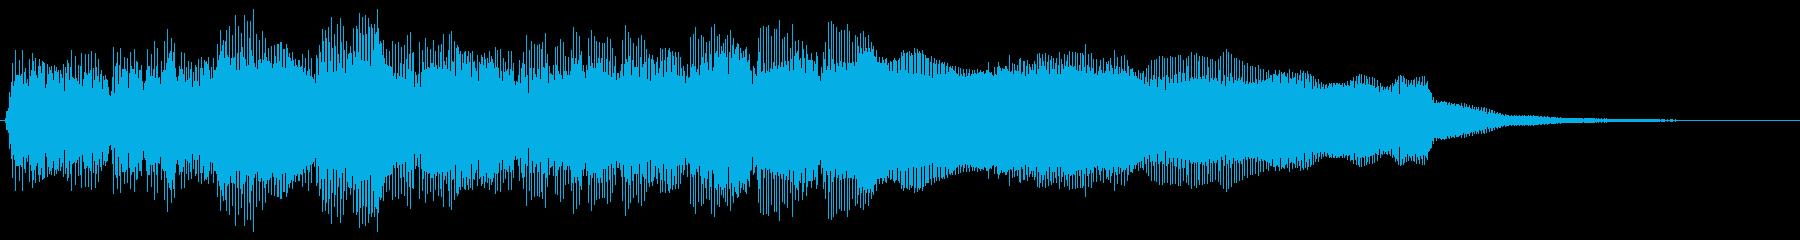 幻想的で勇壮なファンファーレ クリアの再生済みの波形